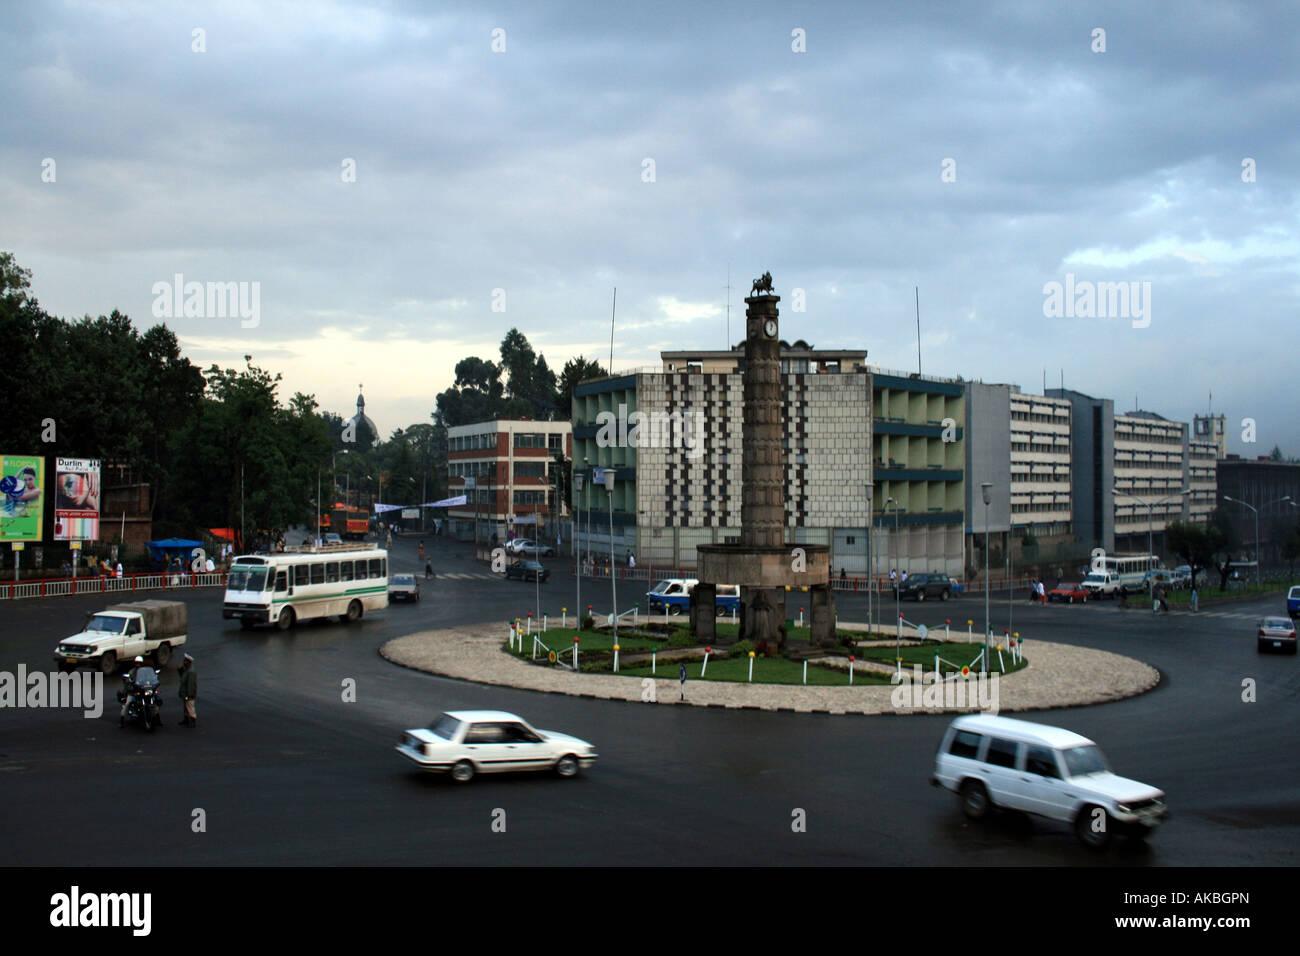 Arat Kilo, Addis Ababa, Ethiopia, Africa - Stock Image